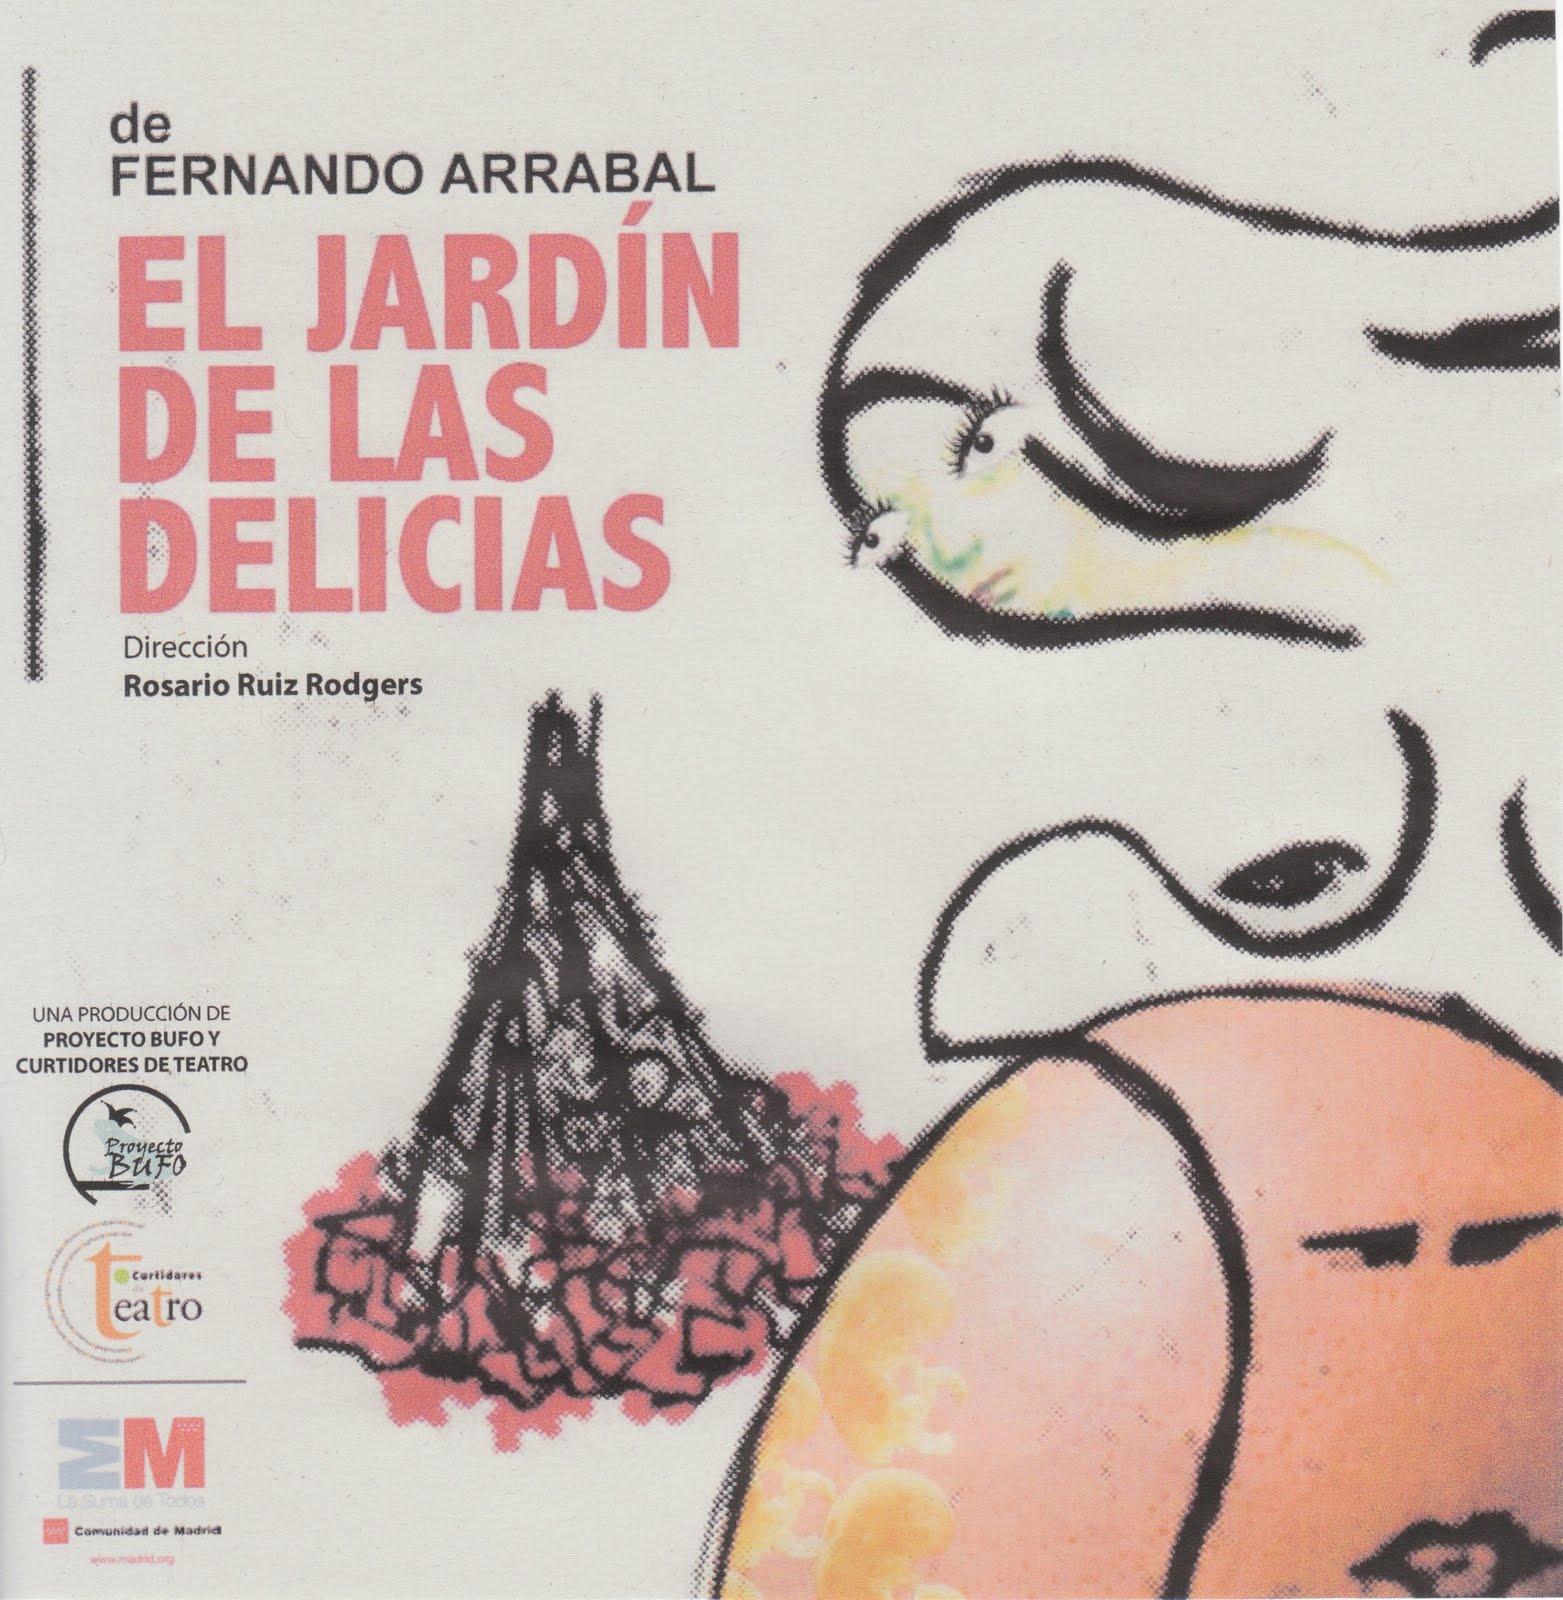 Merc rovira el jard n de las delicias for El jardin de las delicias significado